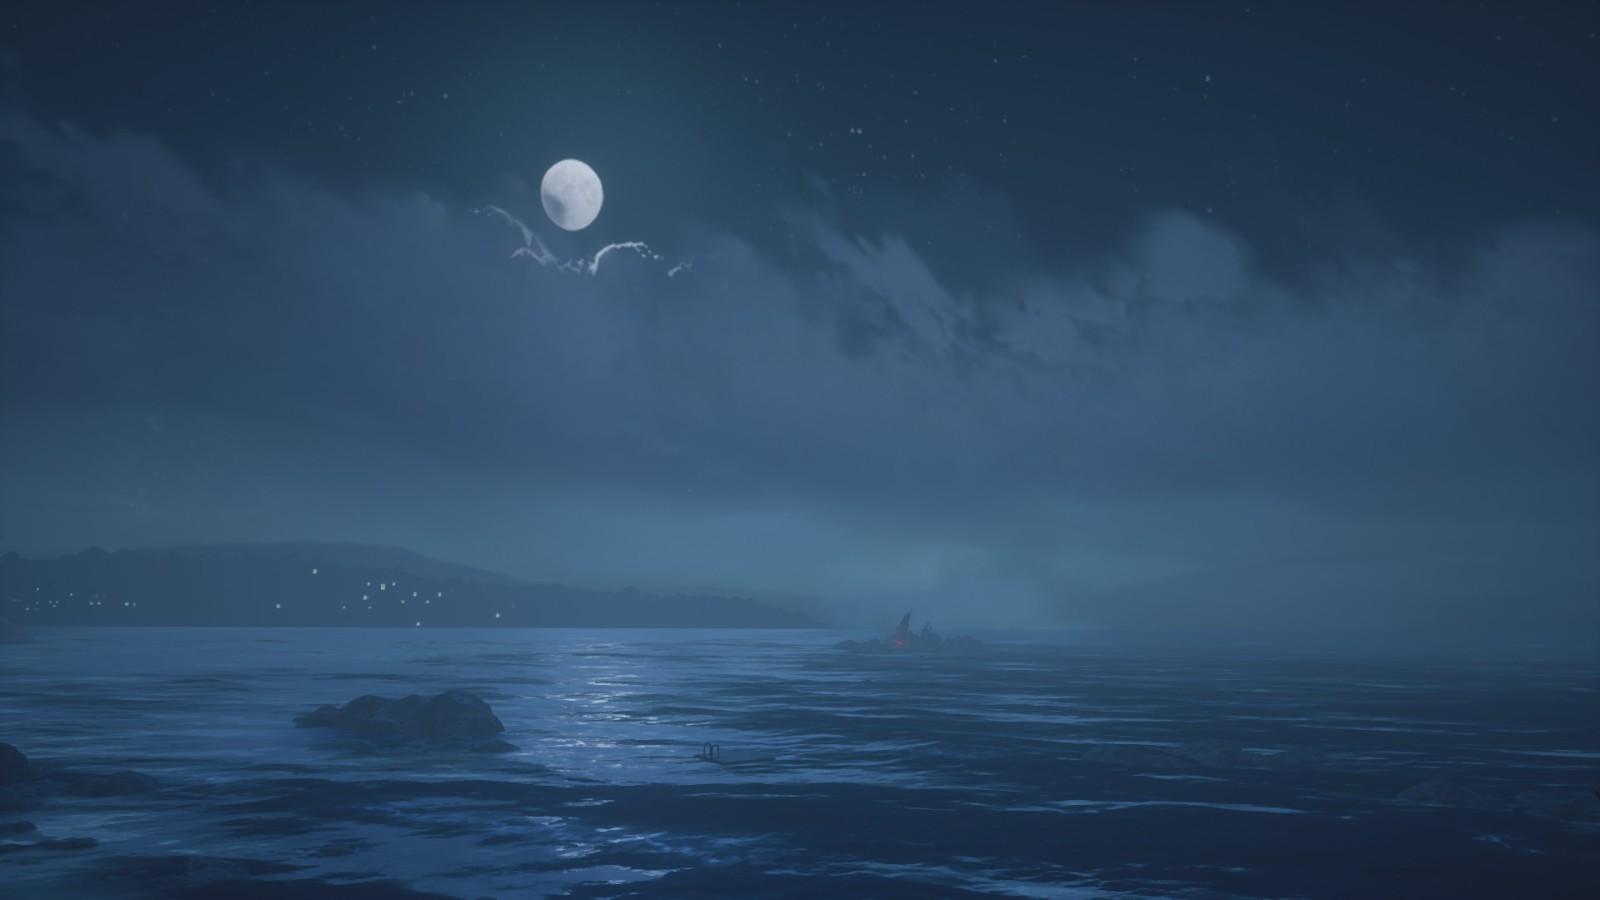 好评如潮游戏《艾迪芬奇的记忆》Steam新史低促销 仅需20元插图9